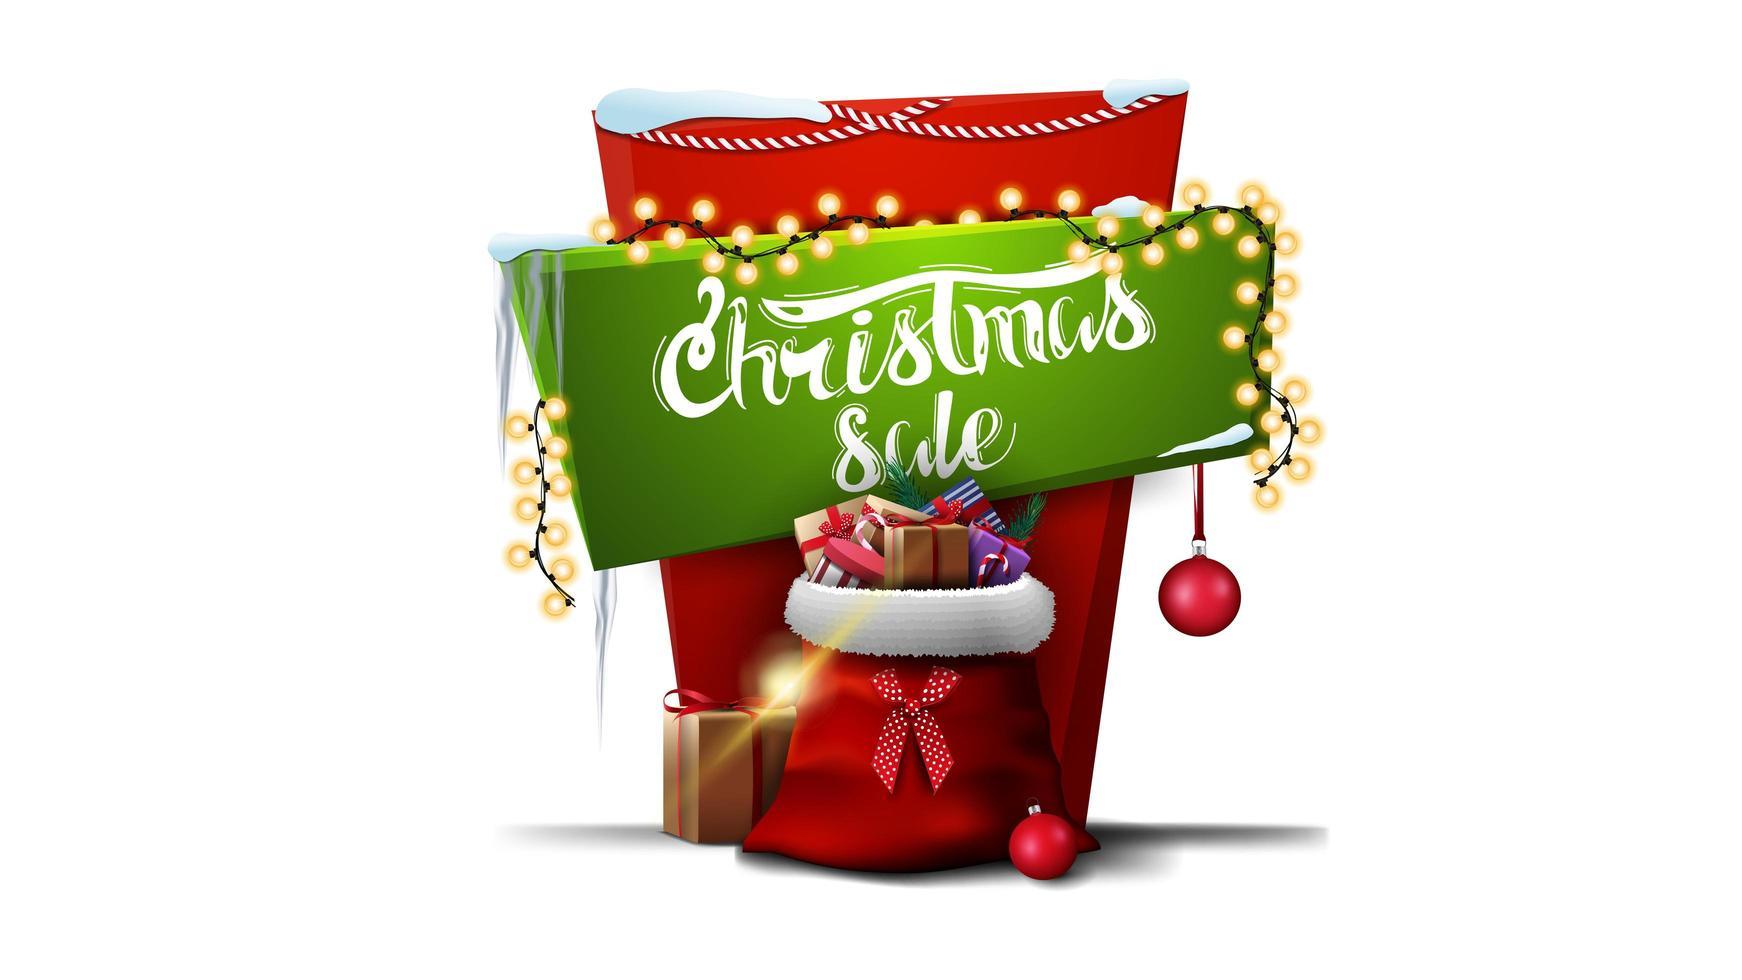 Venta de Navidad, banner de descuento vertical rojo y verde para su creatividad en estilo de dibujos animados con guirnaldas, hermosas letras y bolsa de santa claus con regalos vector